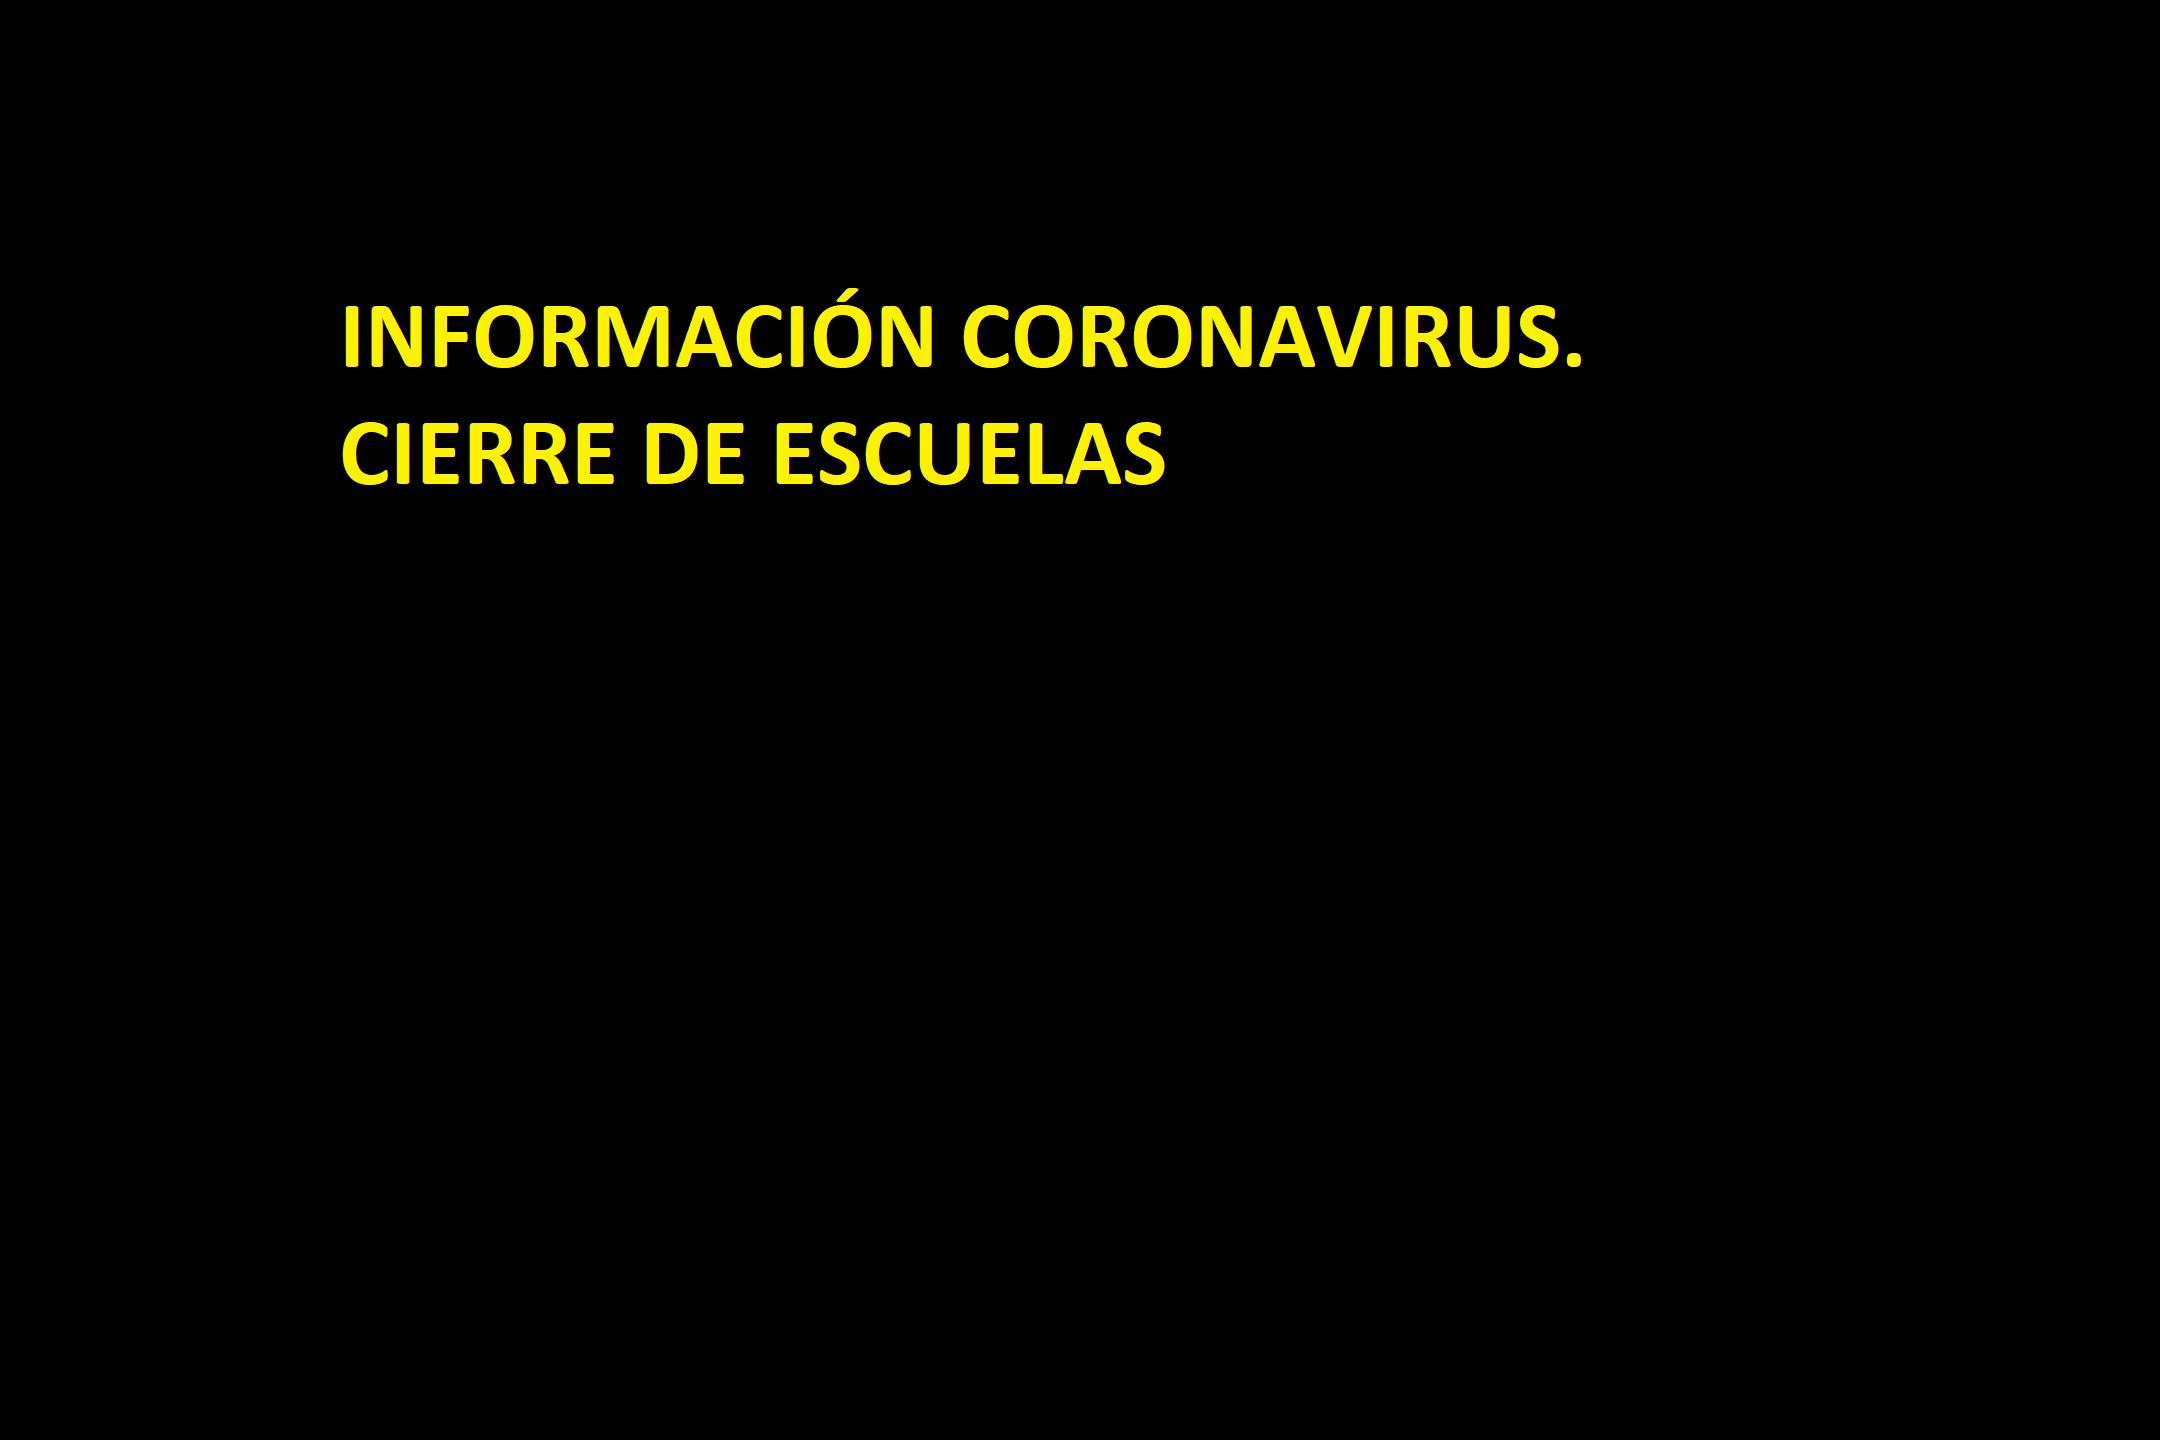 CIERRE DE ESCUELAS POR EL CORONAVIRUS